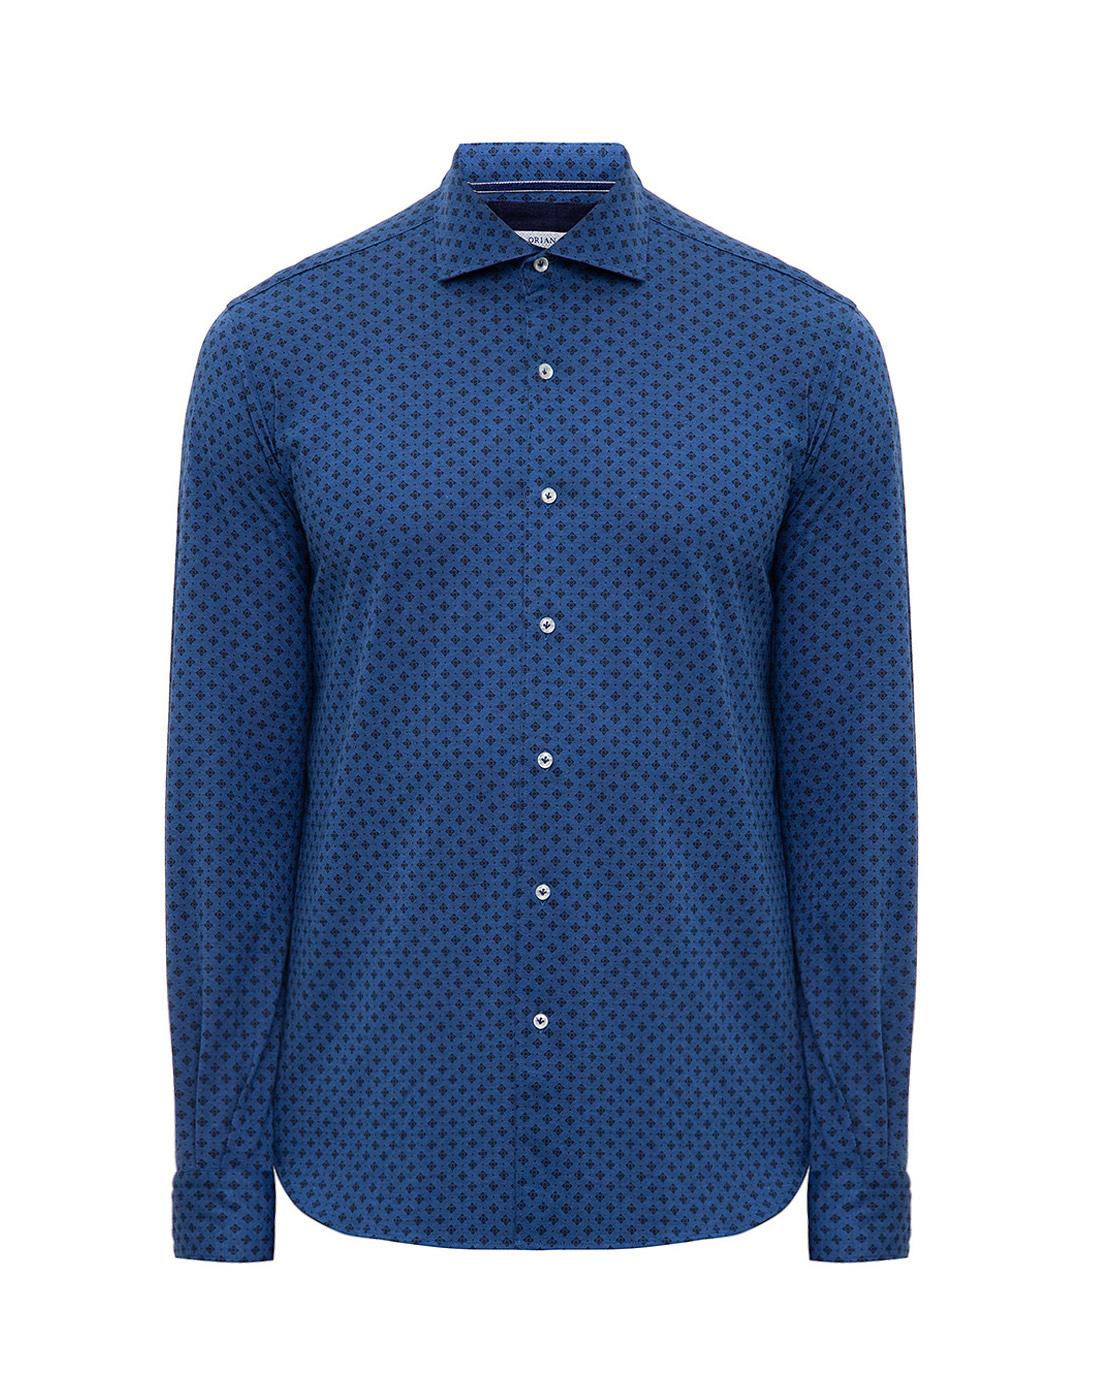 Мужская синяя рубашка с принтом Orian S02JS63 22-1